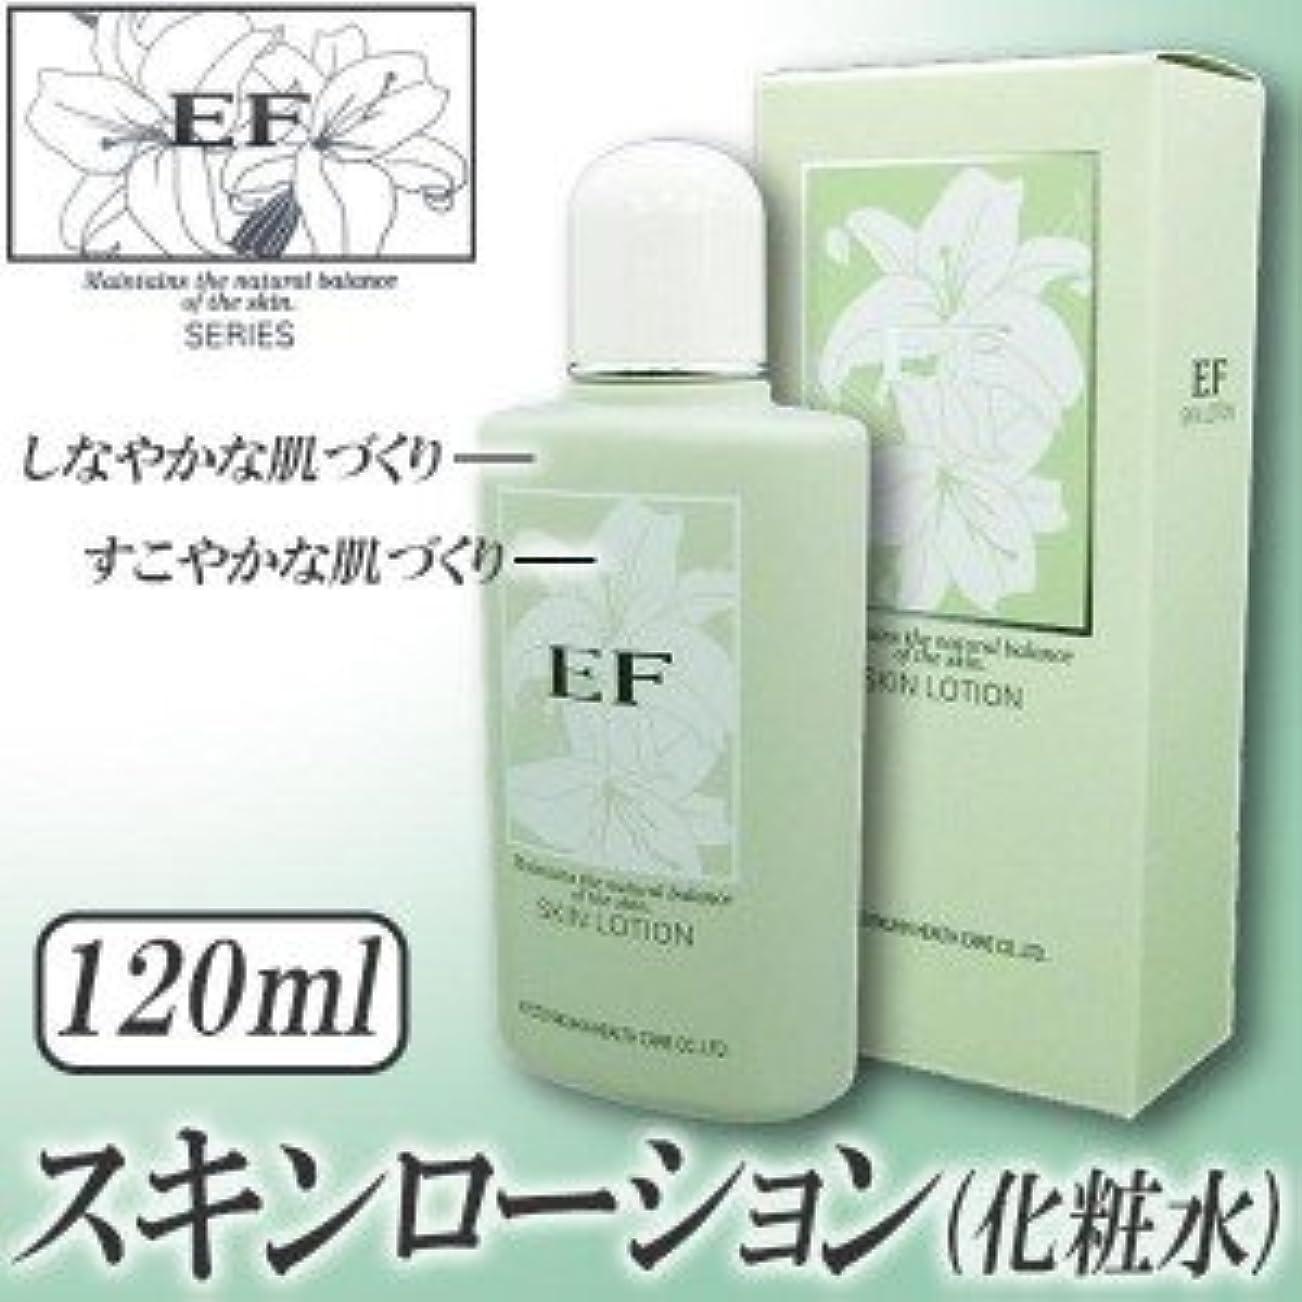 瞳砲撃解明EFスキンローション(化粧水) 120mL